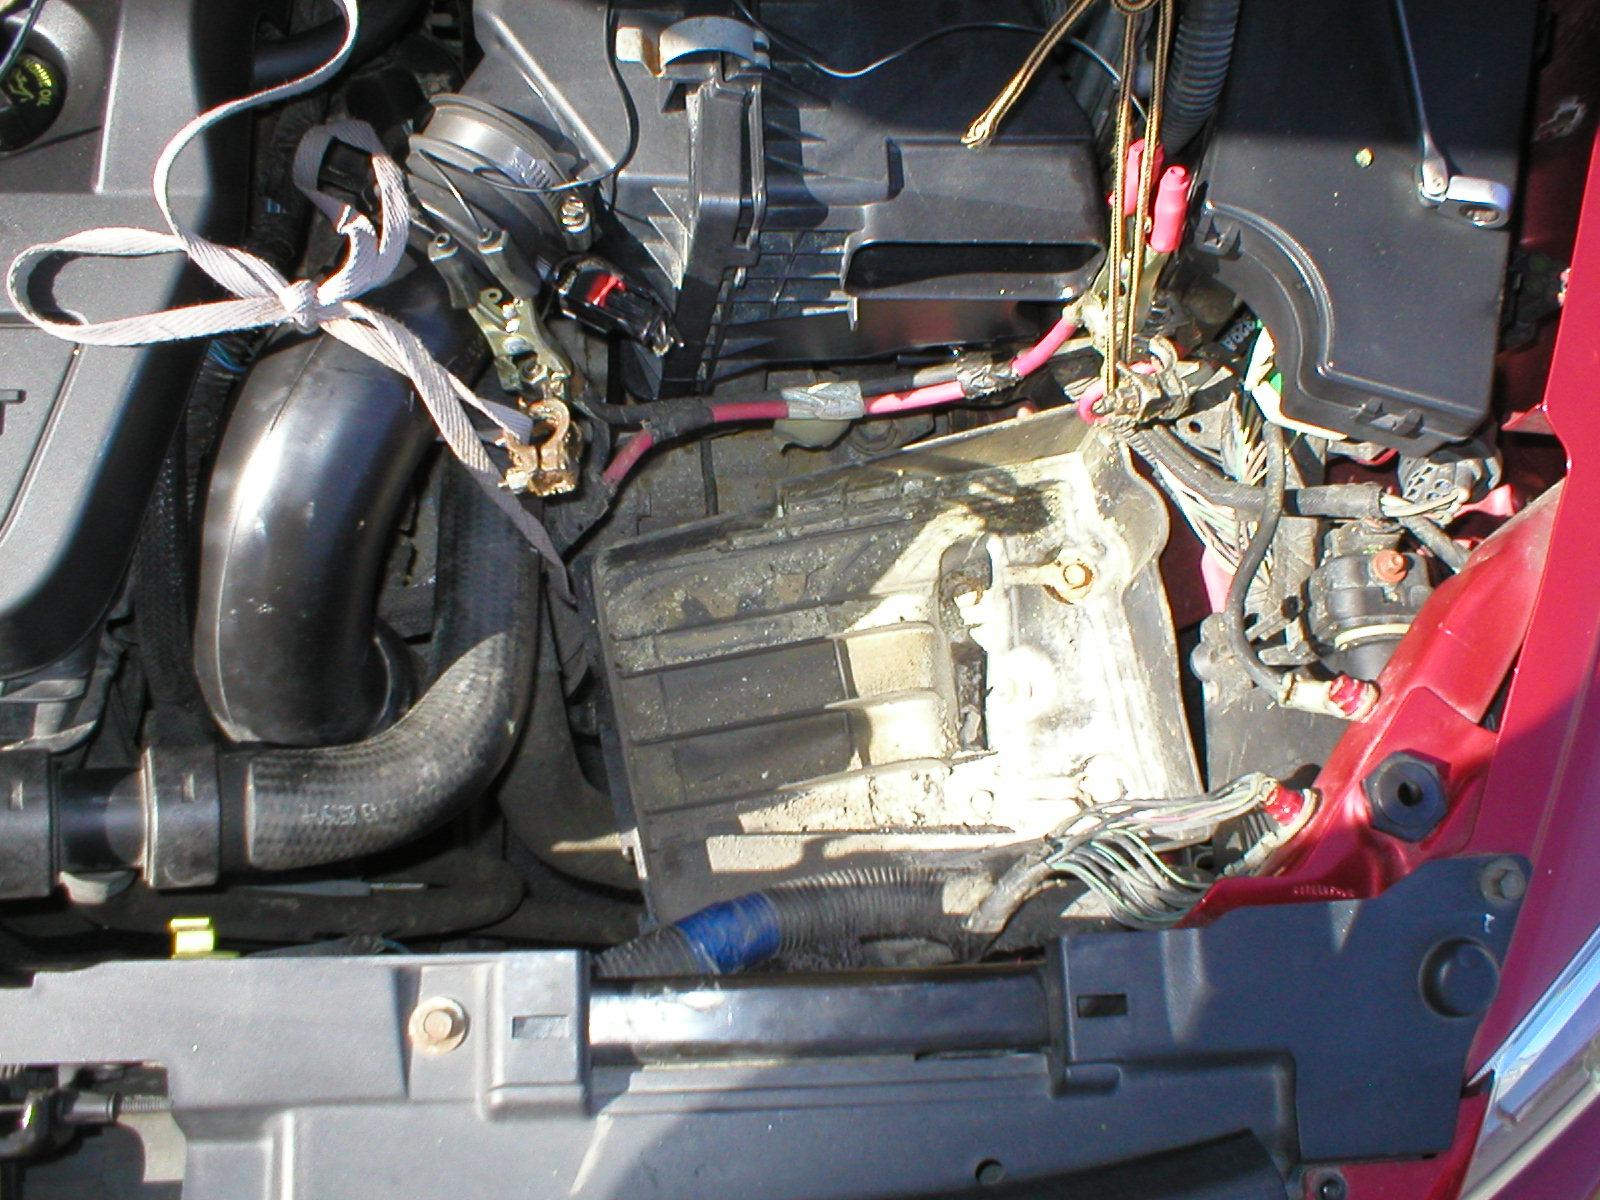 entretien caliber essence - Page 3 664865P1010194